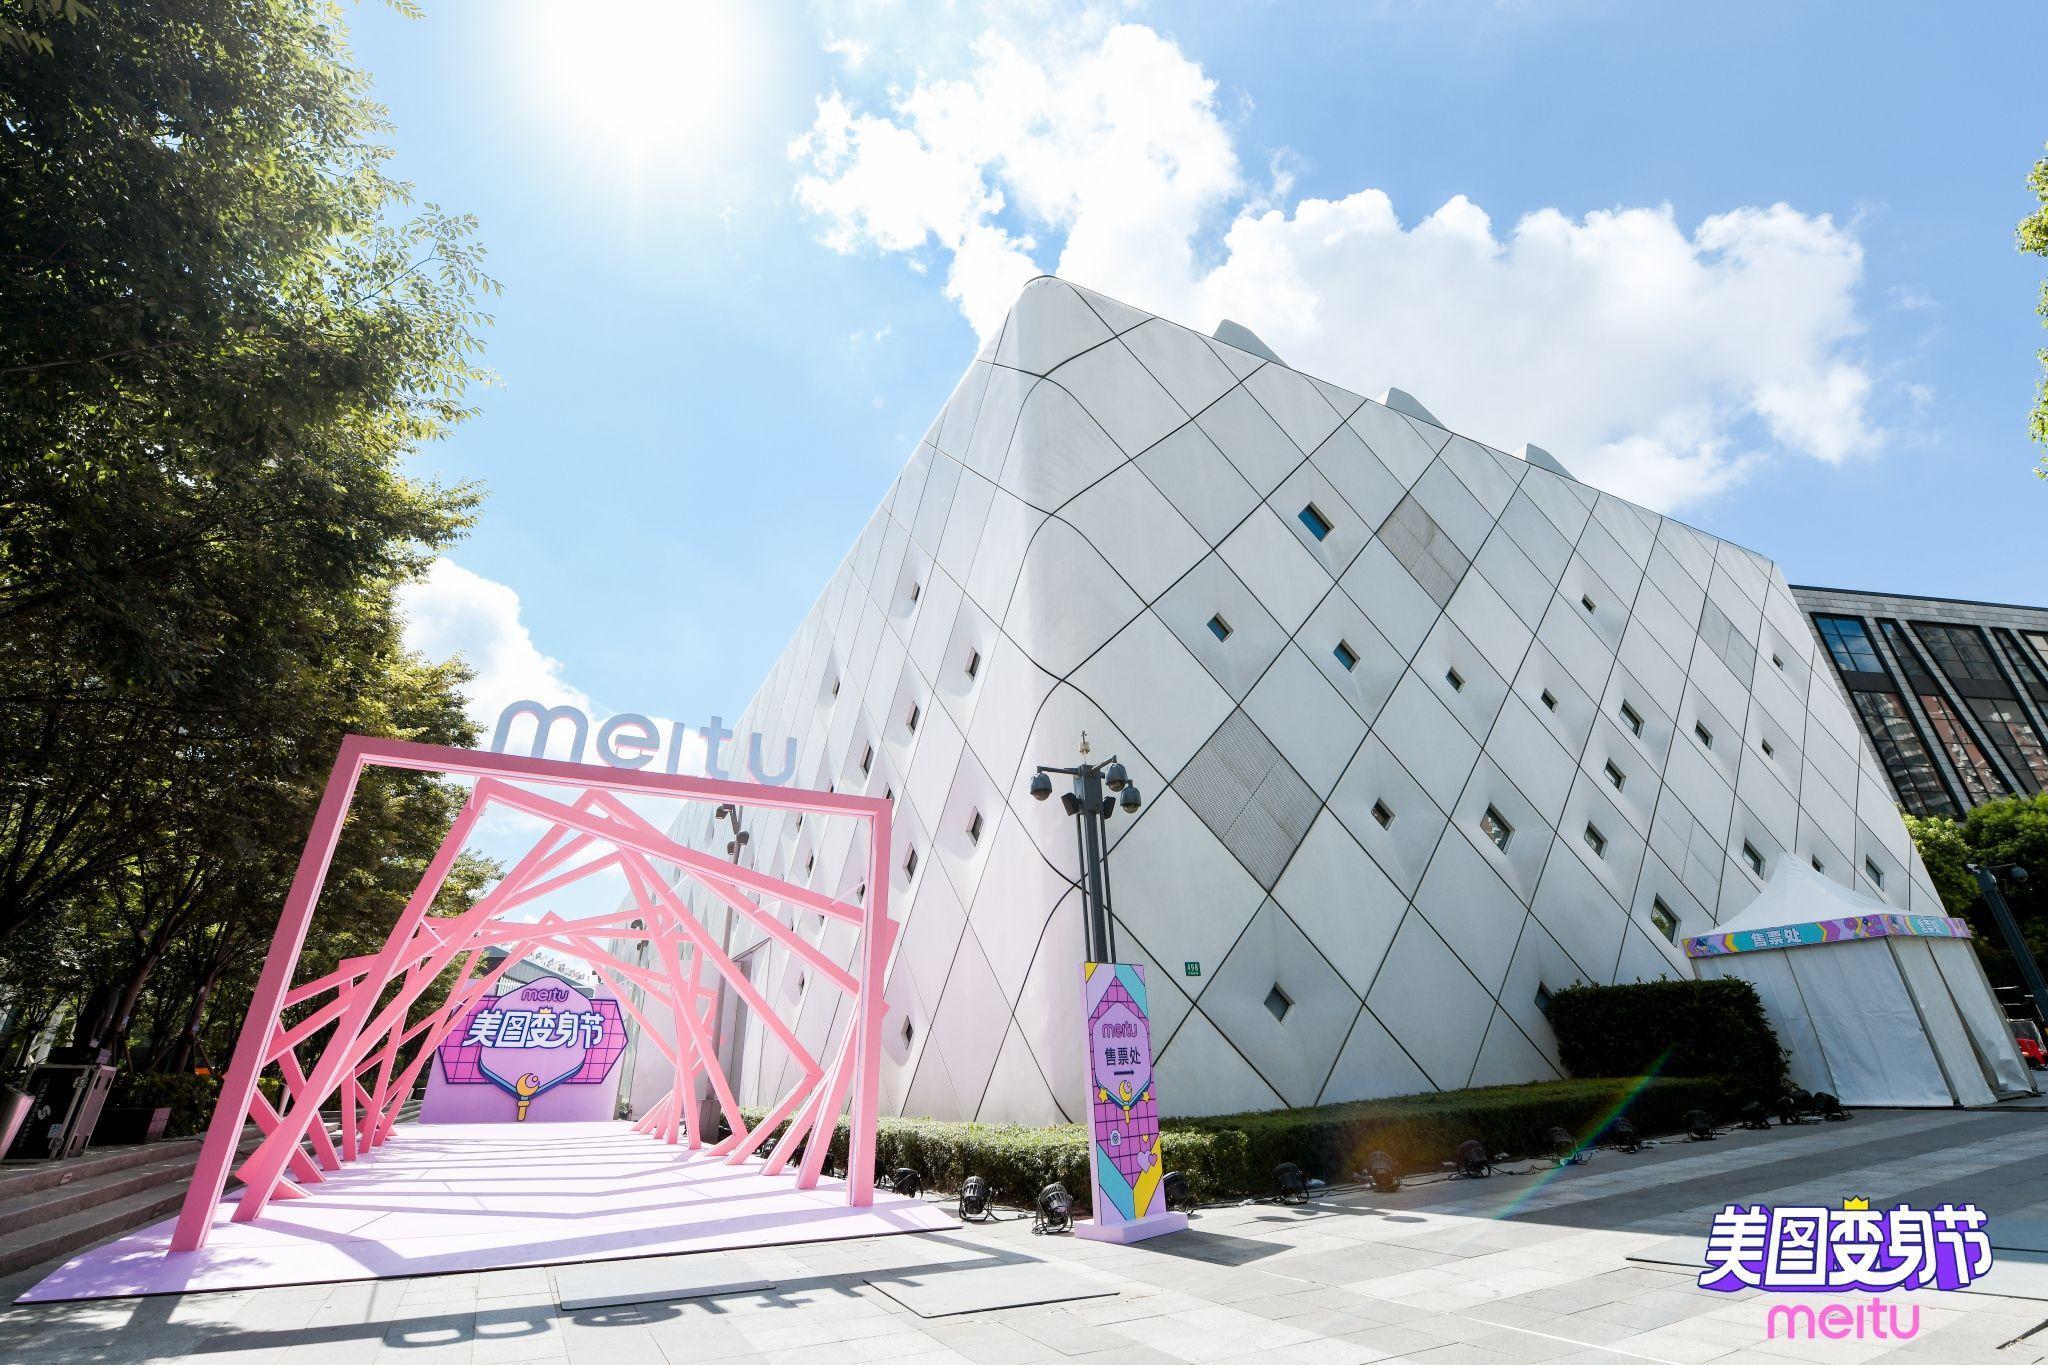 7月20日,美图变身节在上海世博创意秀场正式开幕.图片